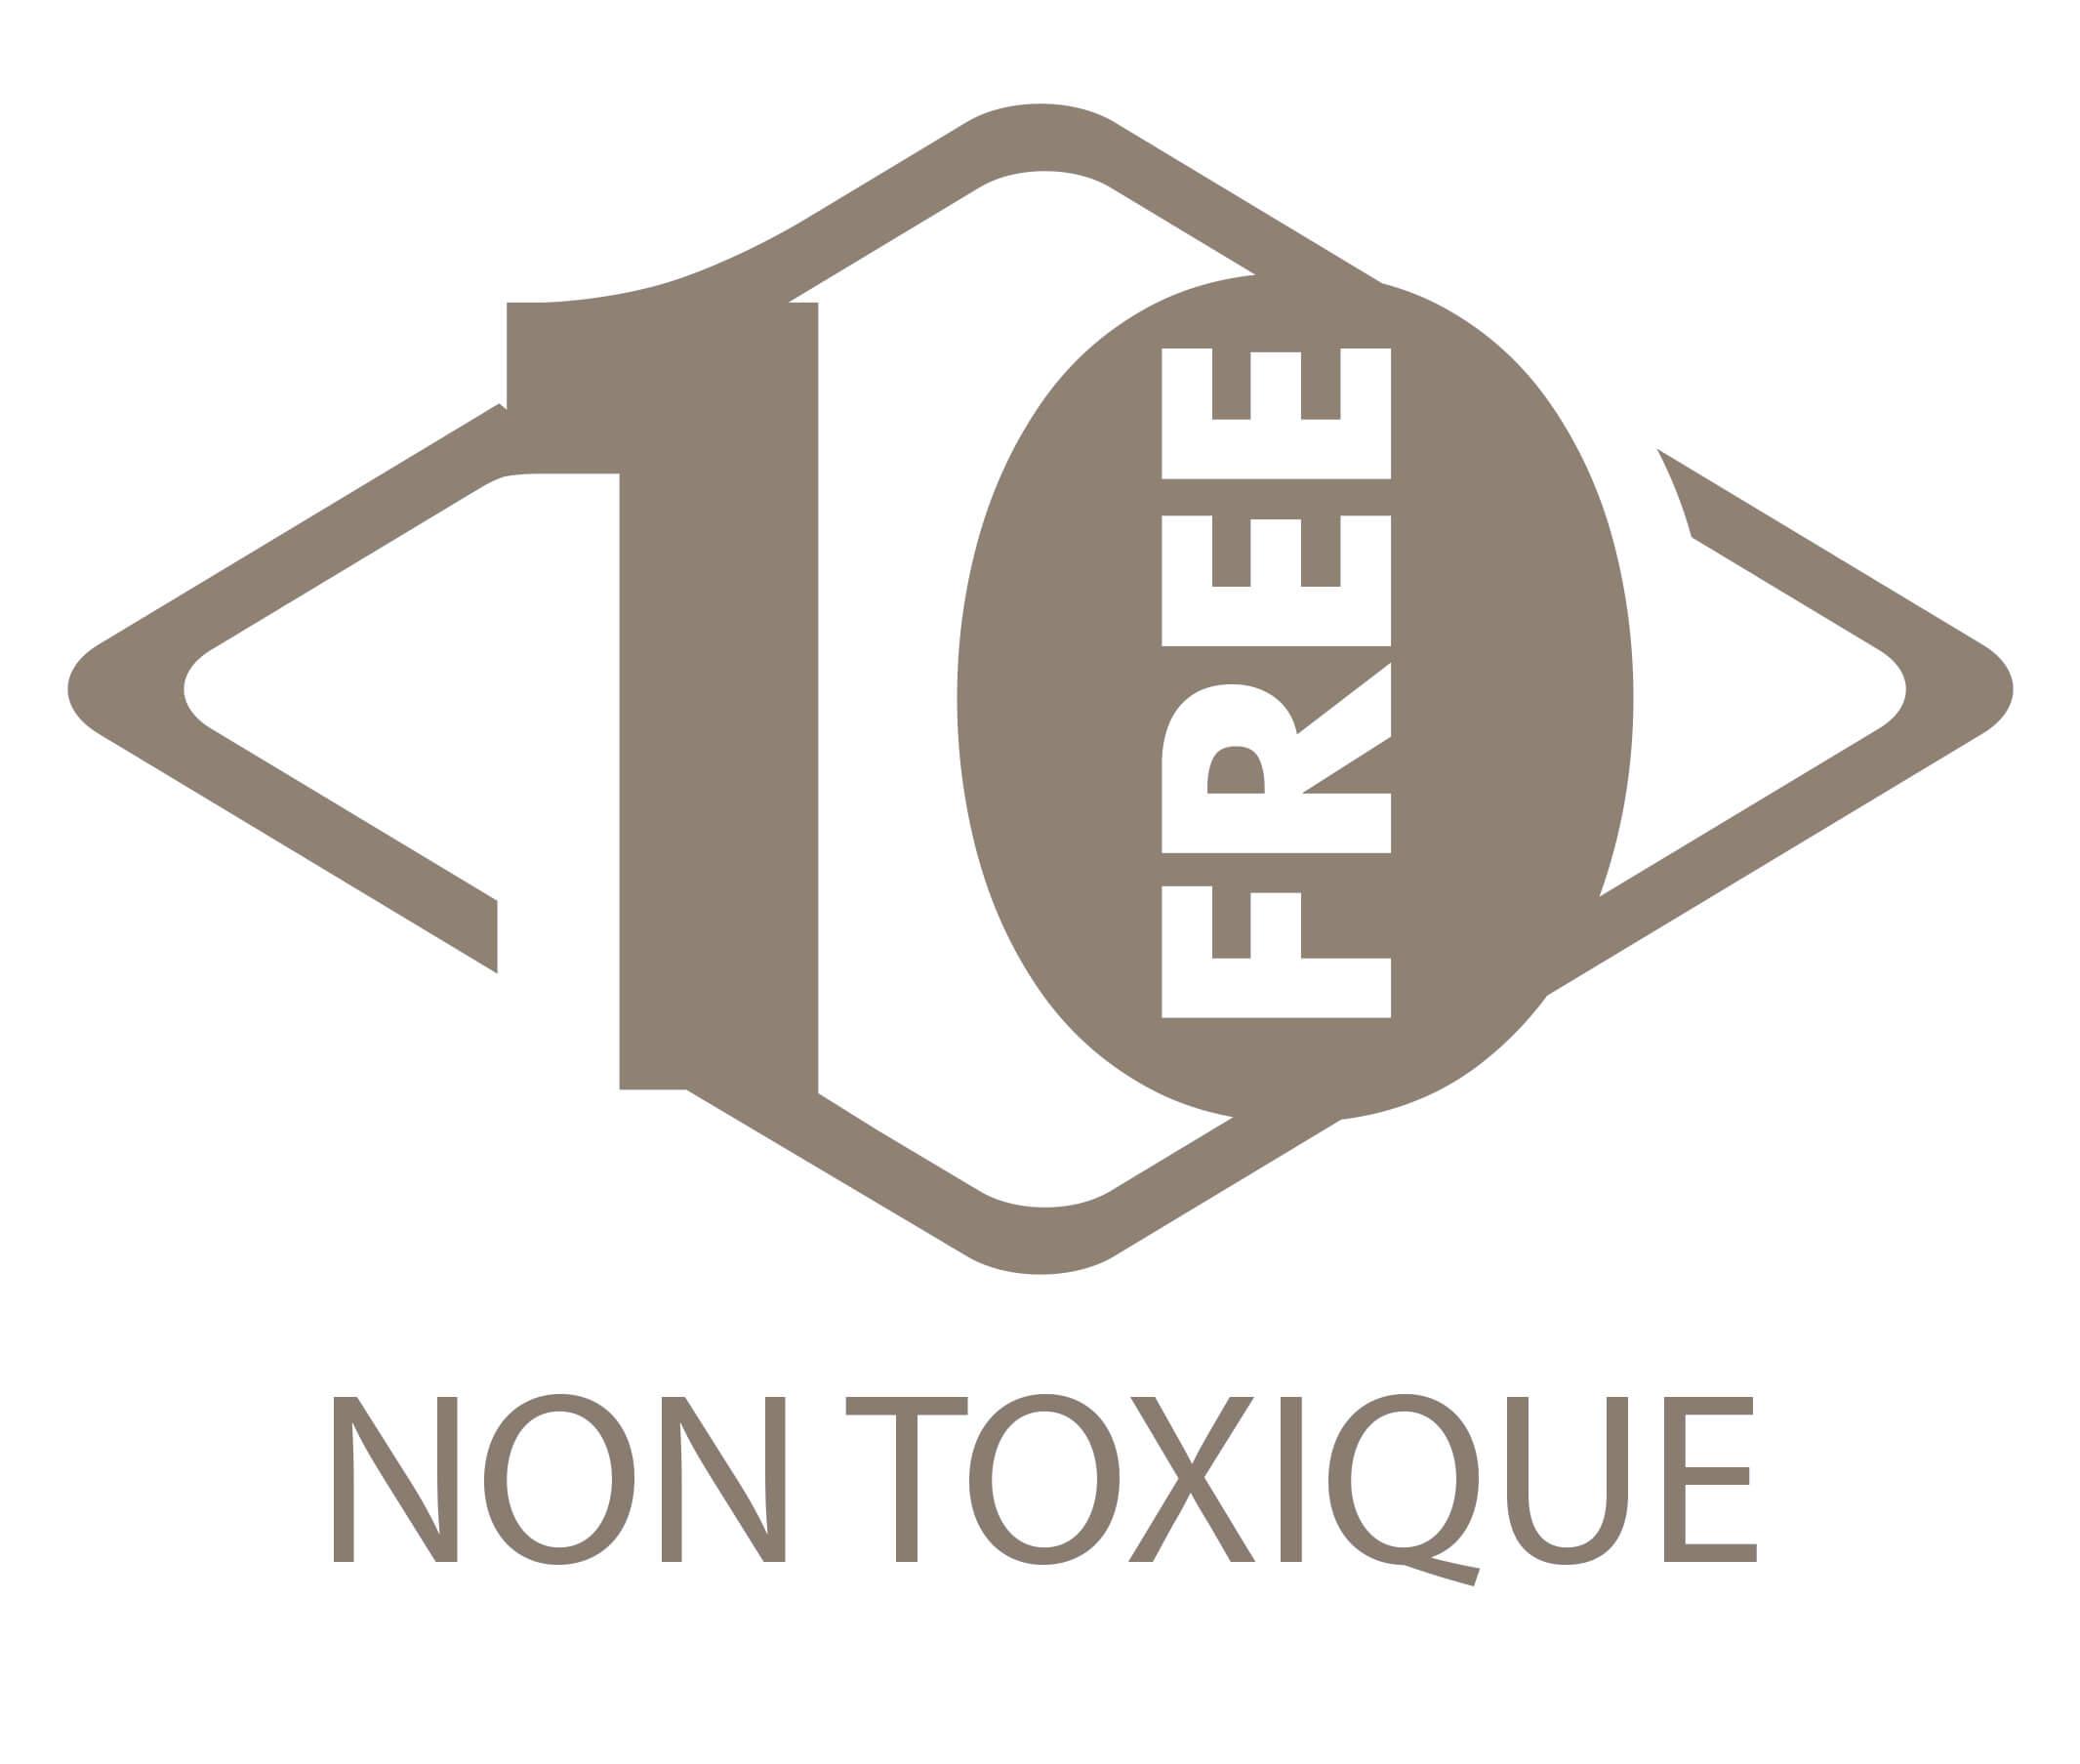 10 Free Non toxique Bio Sculpture